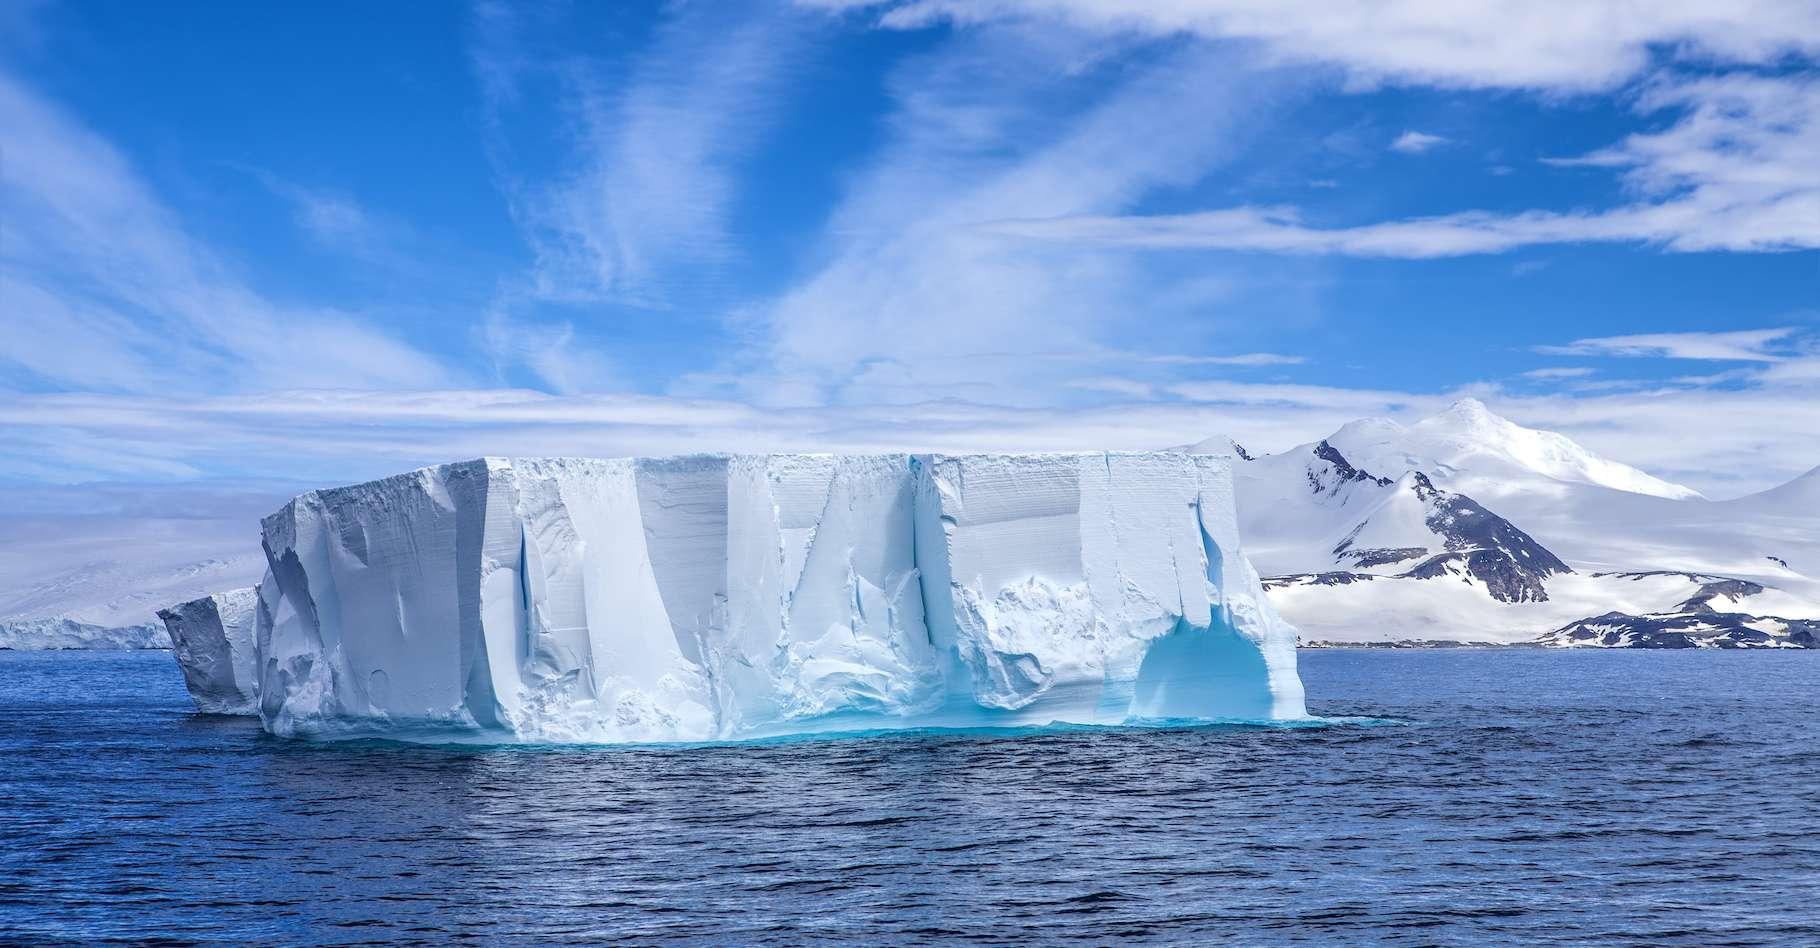 Un iceberg de plus de 1.200 km2 vient de se détacher de l'Antarctique. Ici, une image d'illustration. © marcaletourneux, Adobe